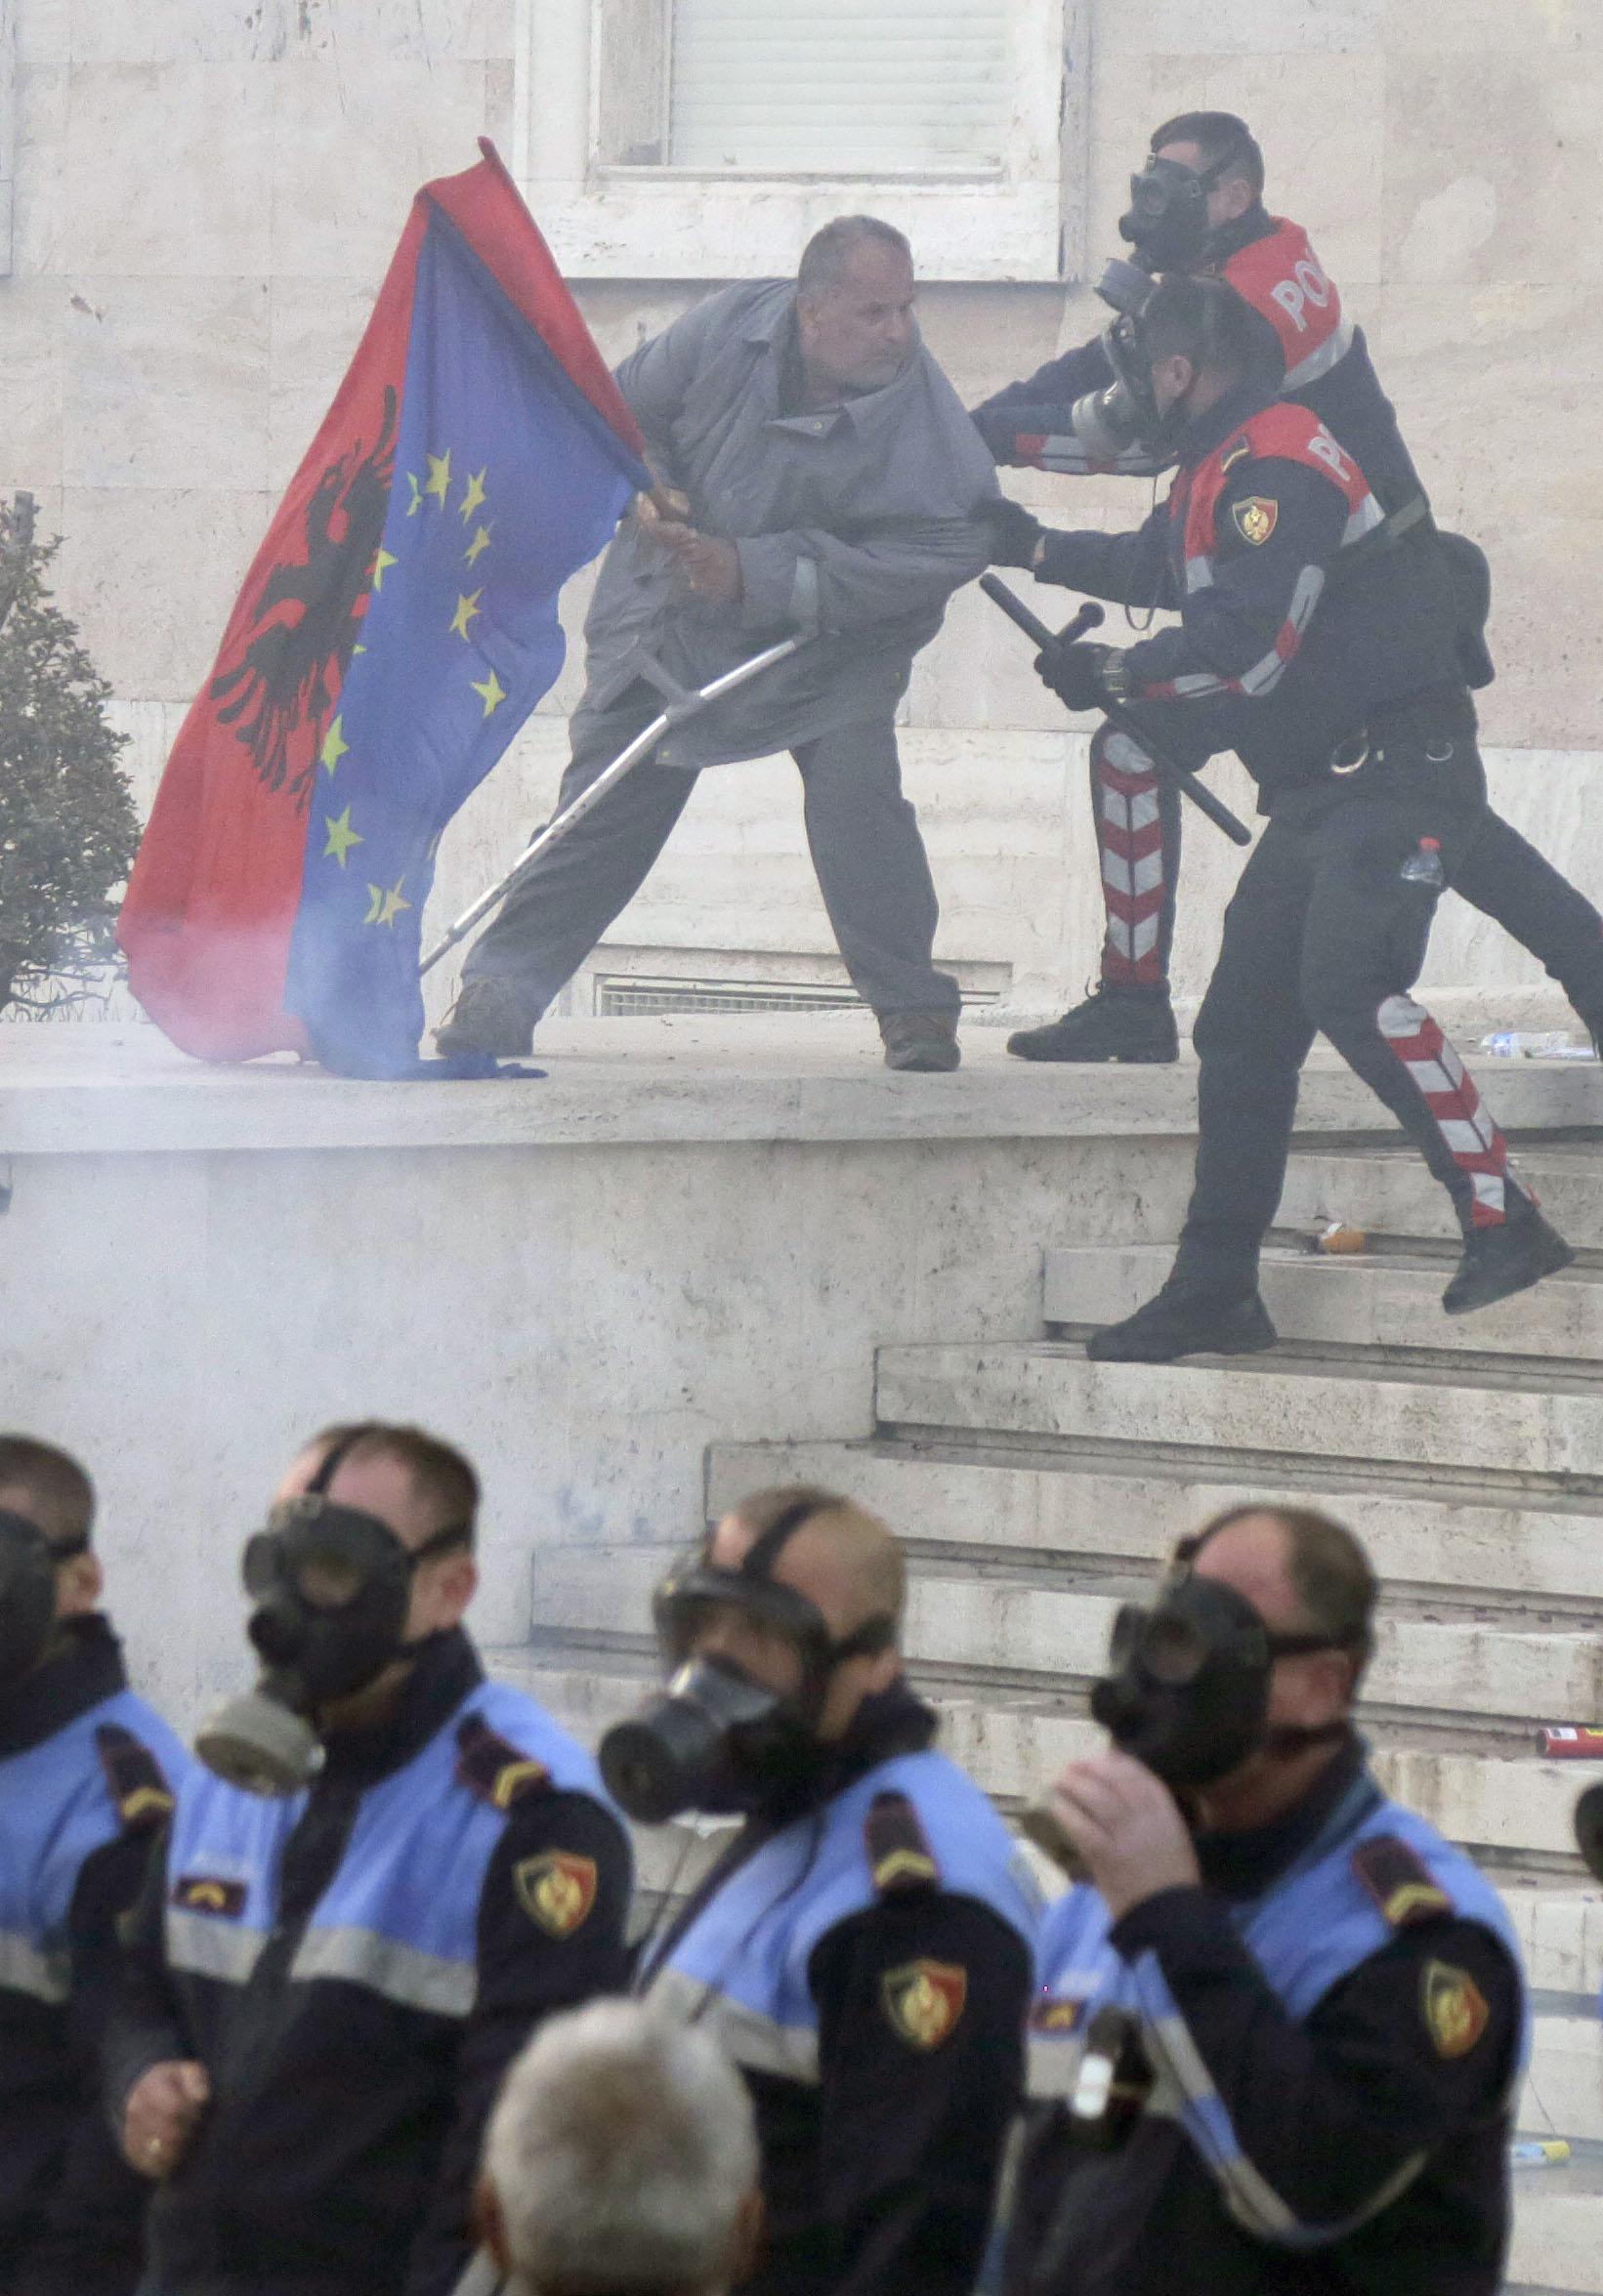 알바니아 국기와 유럽 연합기를 든 한 시위대가 경찰 저지선을 돌파하자, 경찰들이 이를 제지하고 있다. [EPA=연합뉴스]